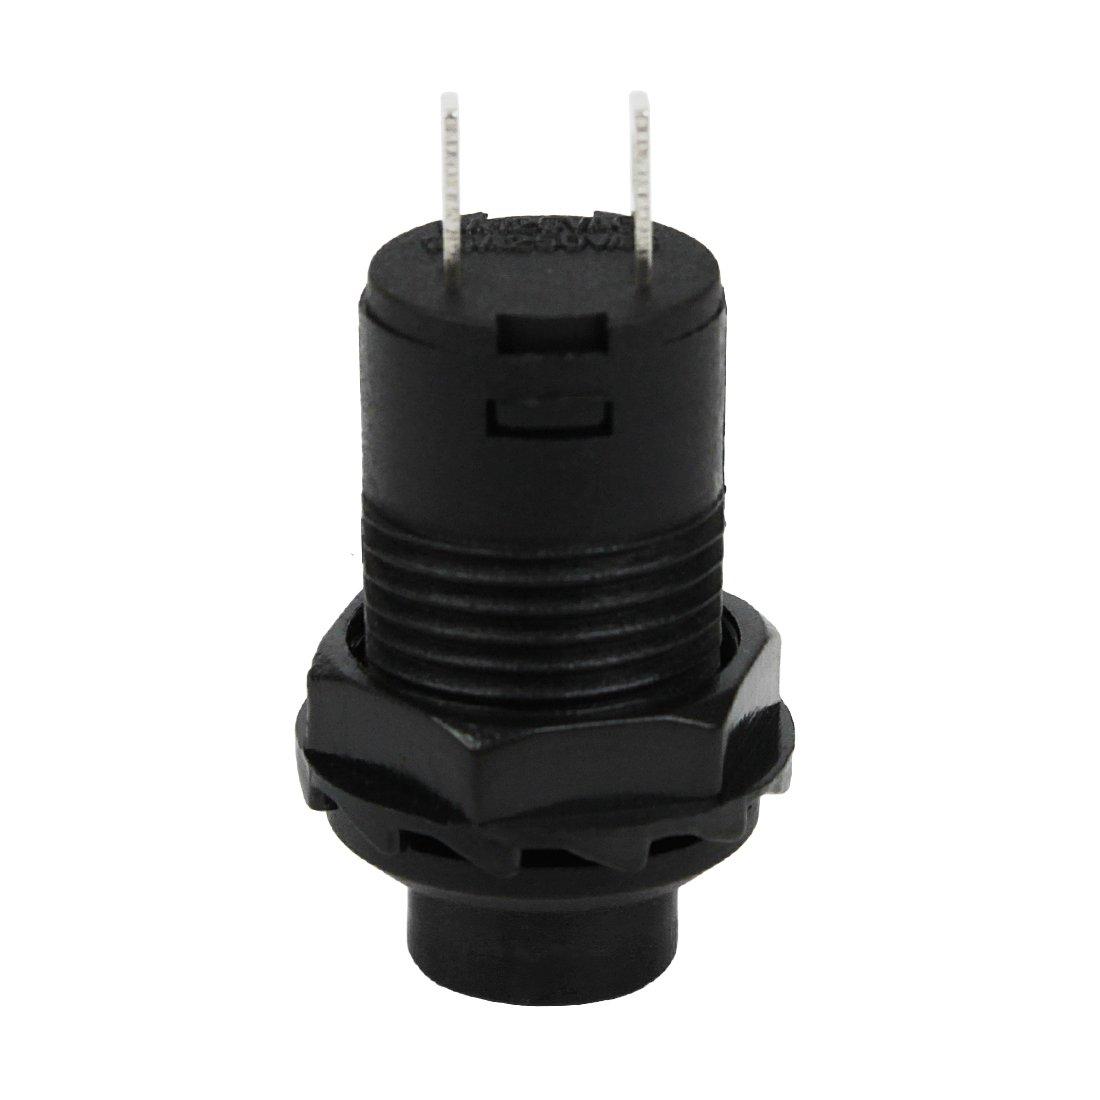 Larcele 20x 12mm Non-momentan/é Interrupteurs /à Bouton-Poussoir Bricolage en Plastique Commutateur ANKG-03 Jaune